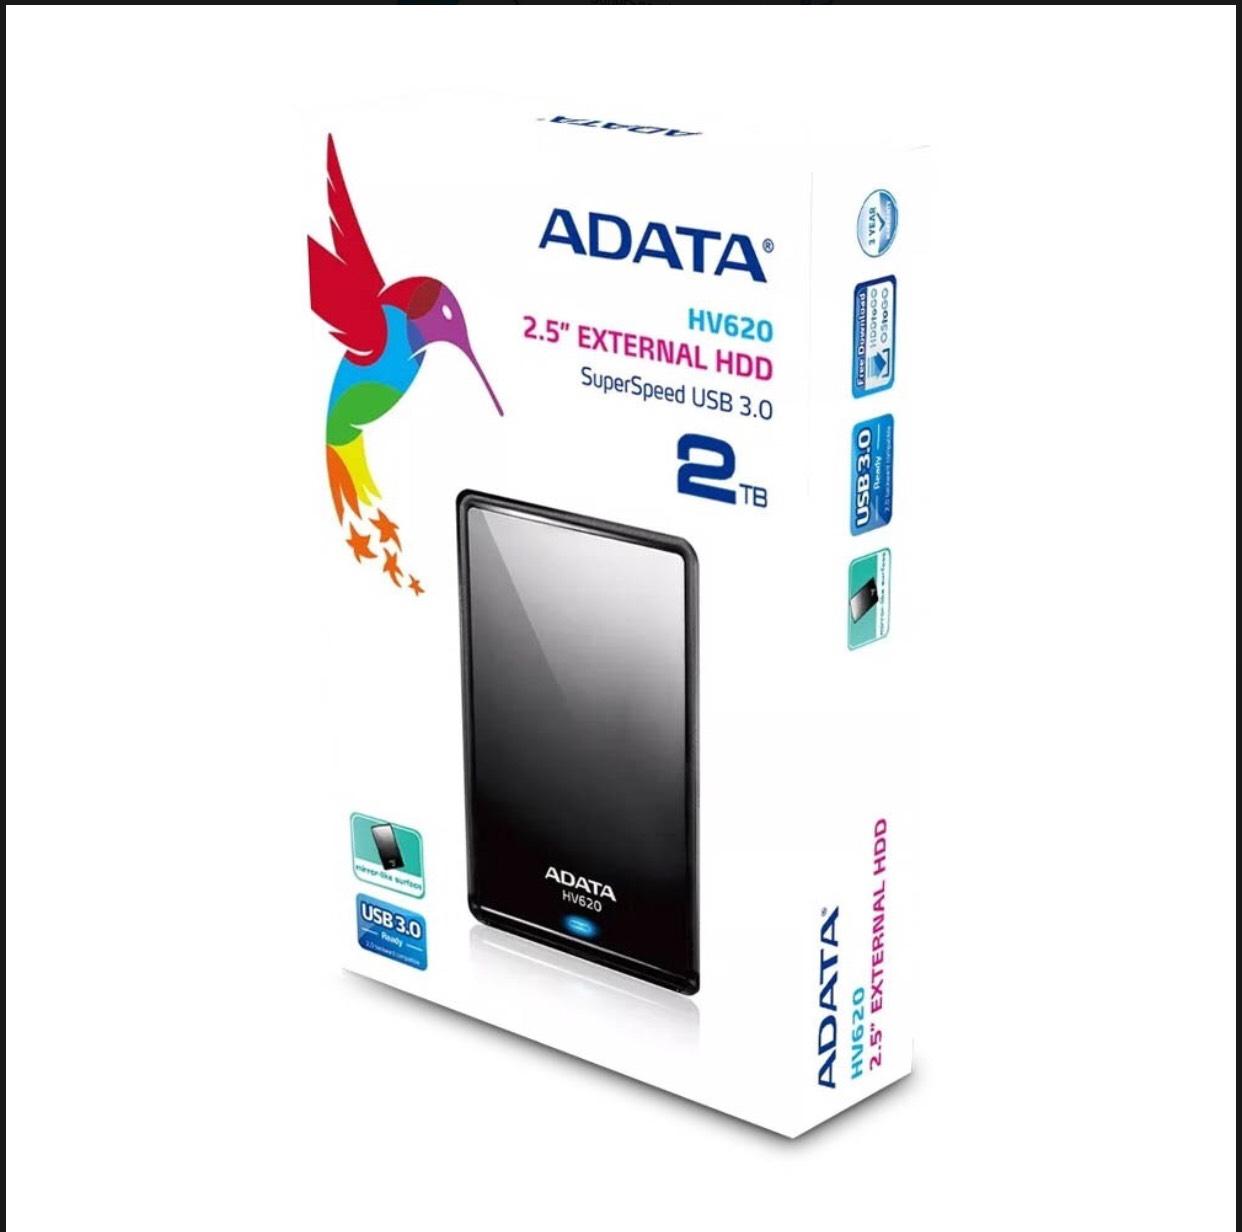 Tienda Oficial Adata en MercadoLibre: Disco duro portátil Adata 2TB